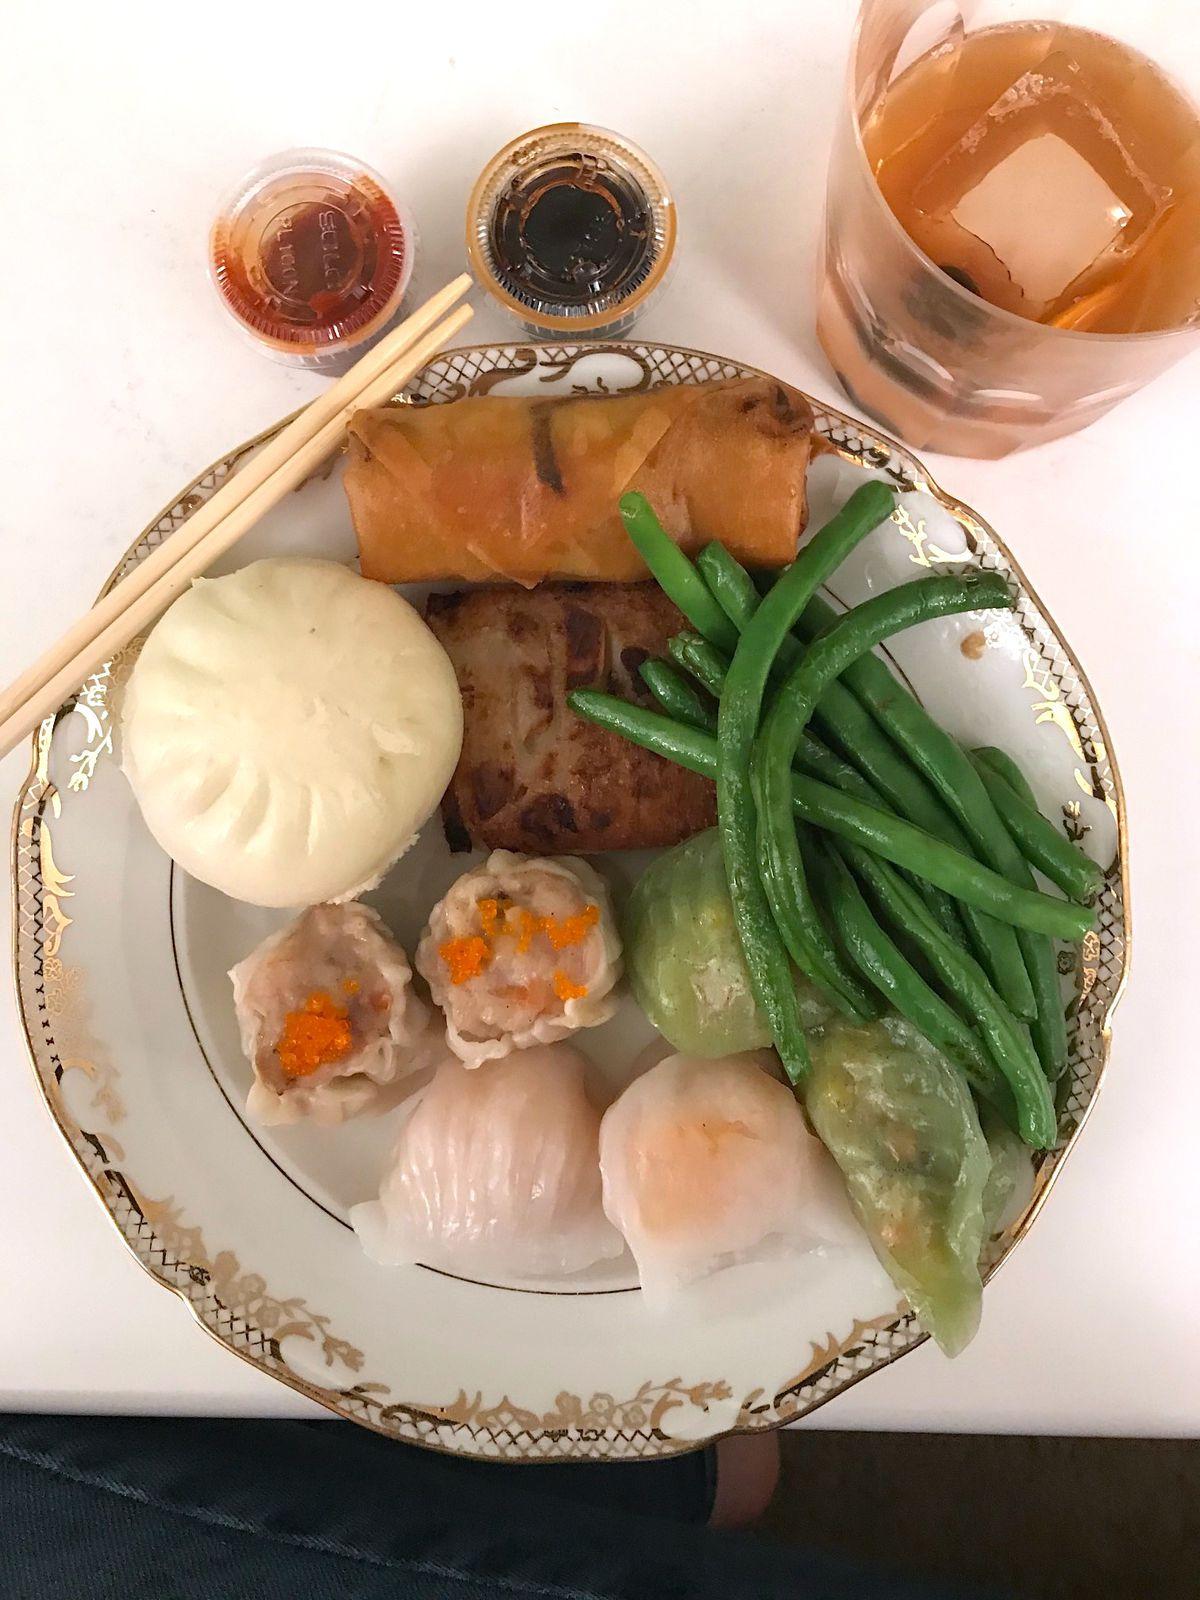 Crystal shrimp dumplings from Dumpling House